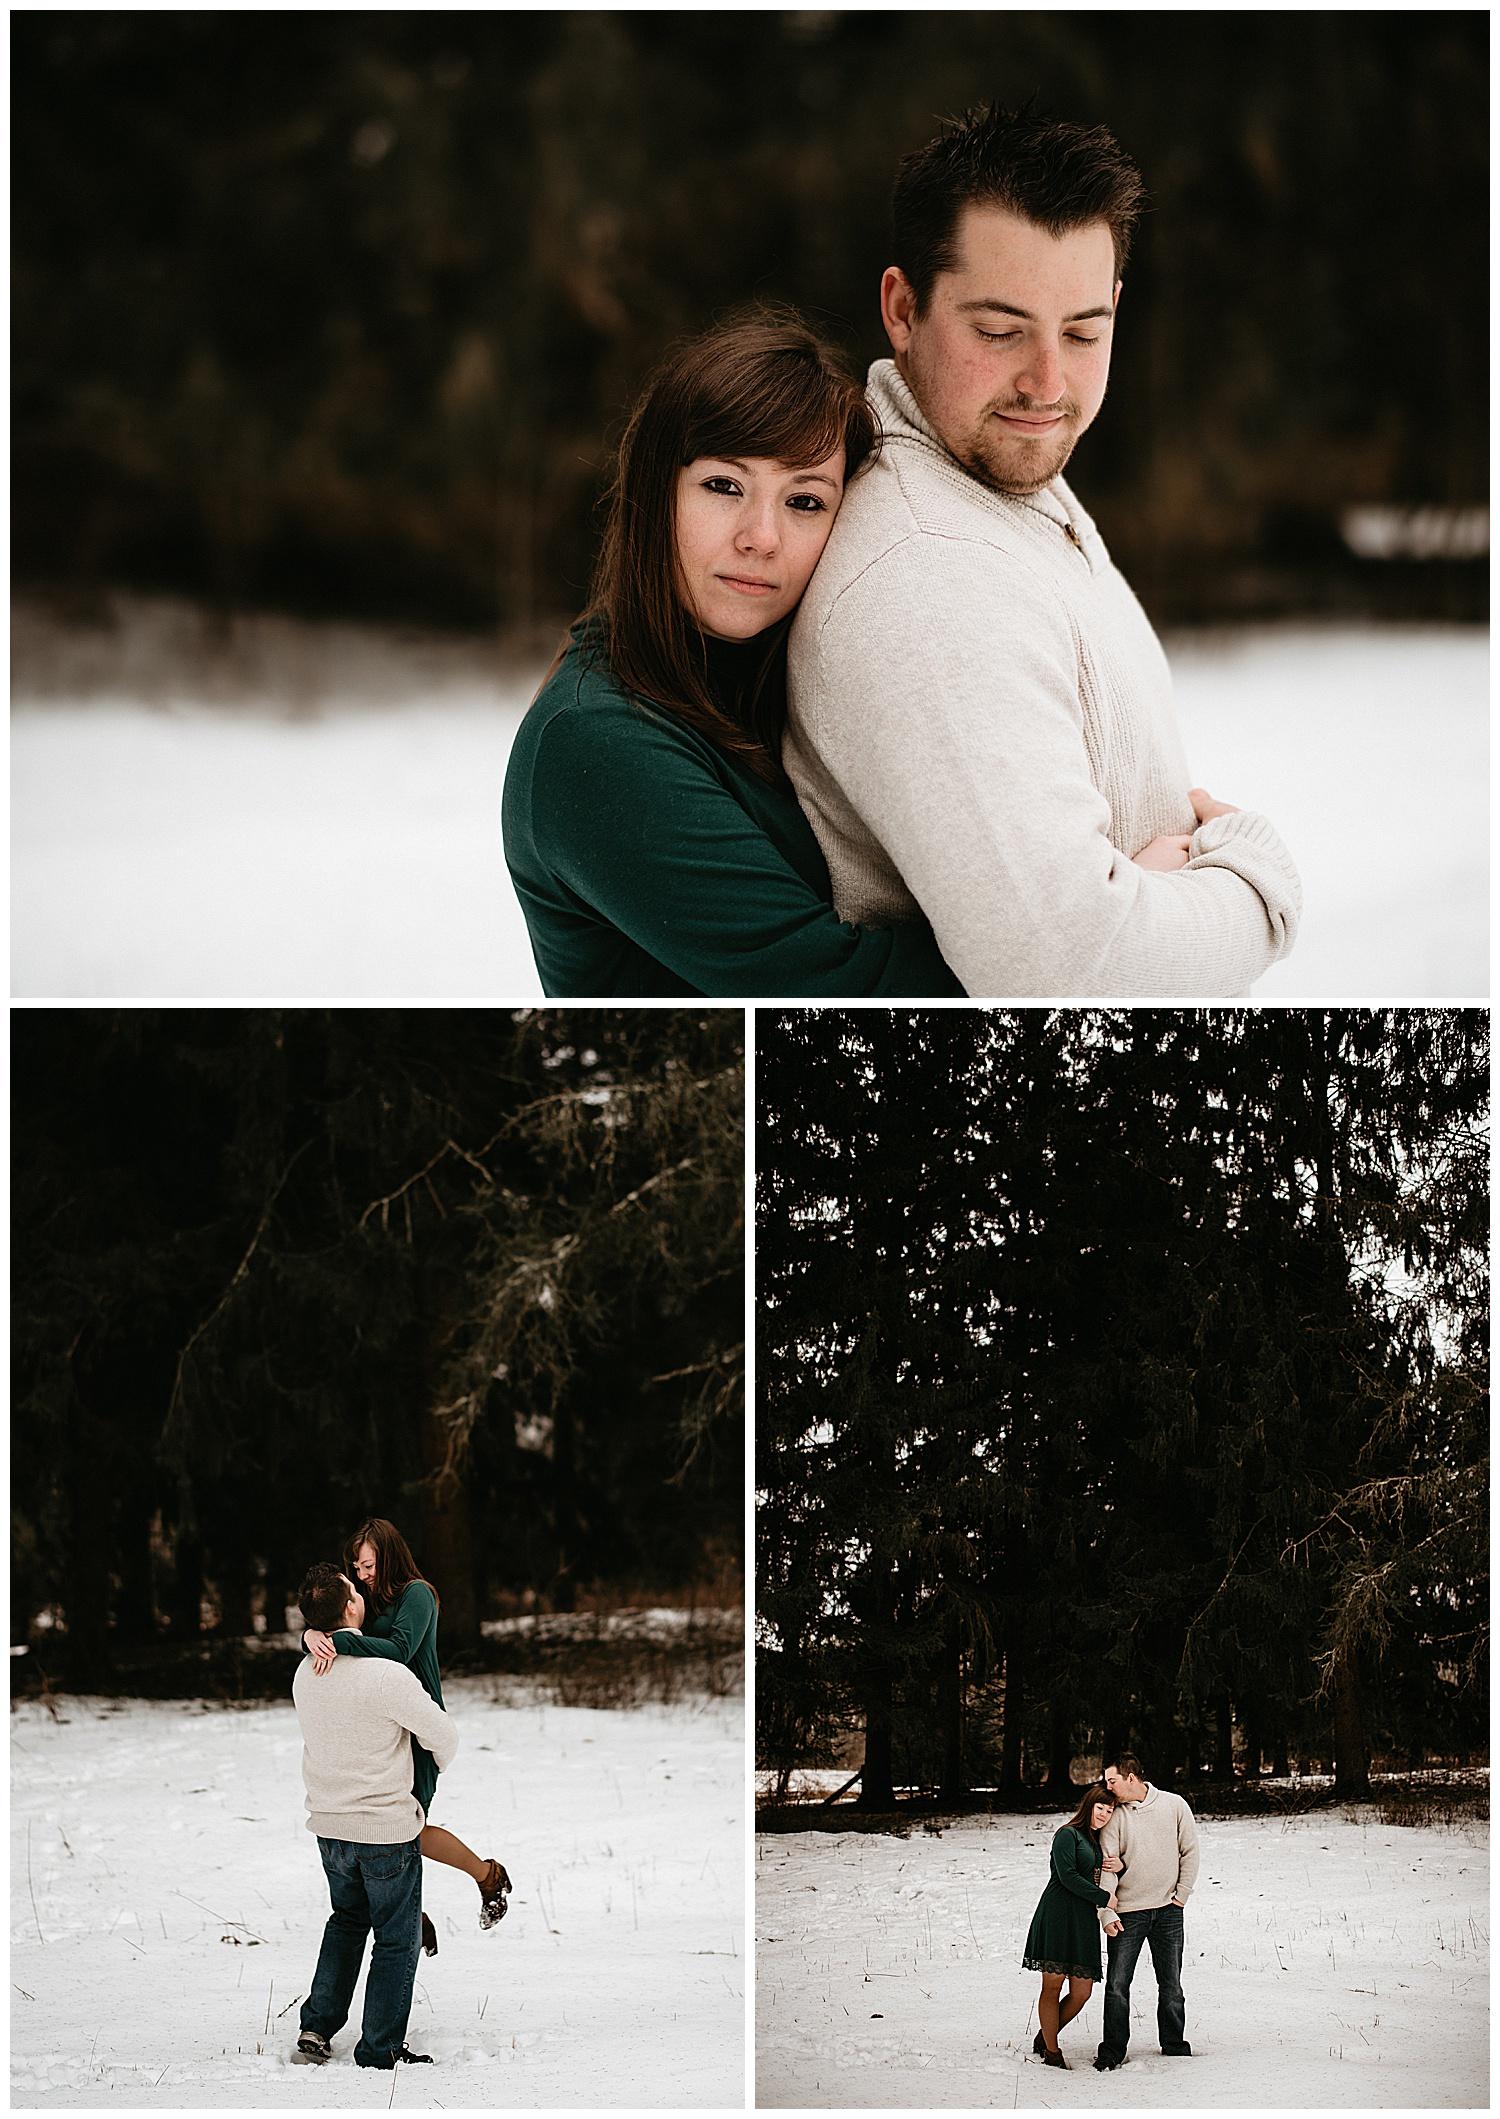 NEPA-wedding-photographer-in-Eastern-PA-in-Scranton-PA_0005.jpg